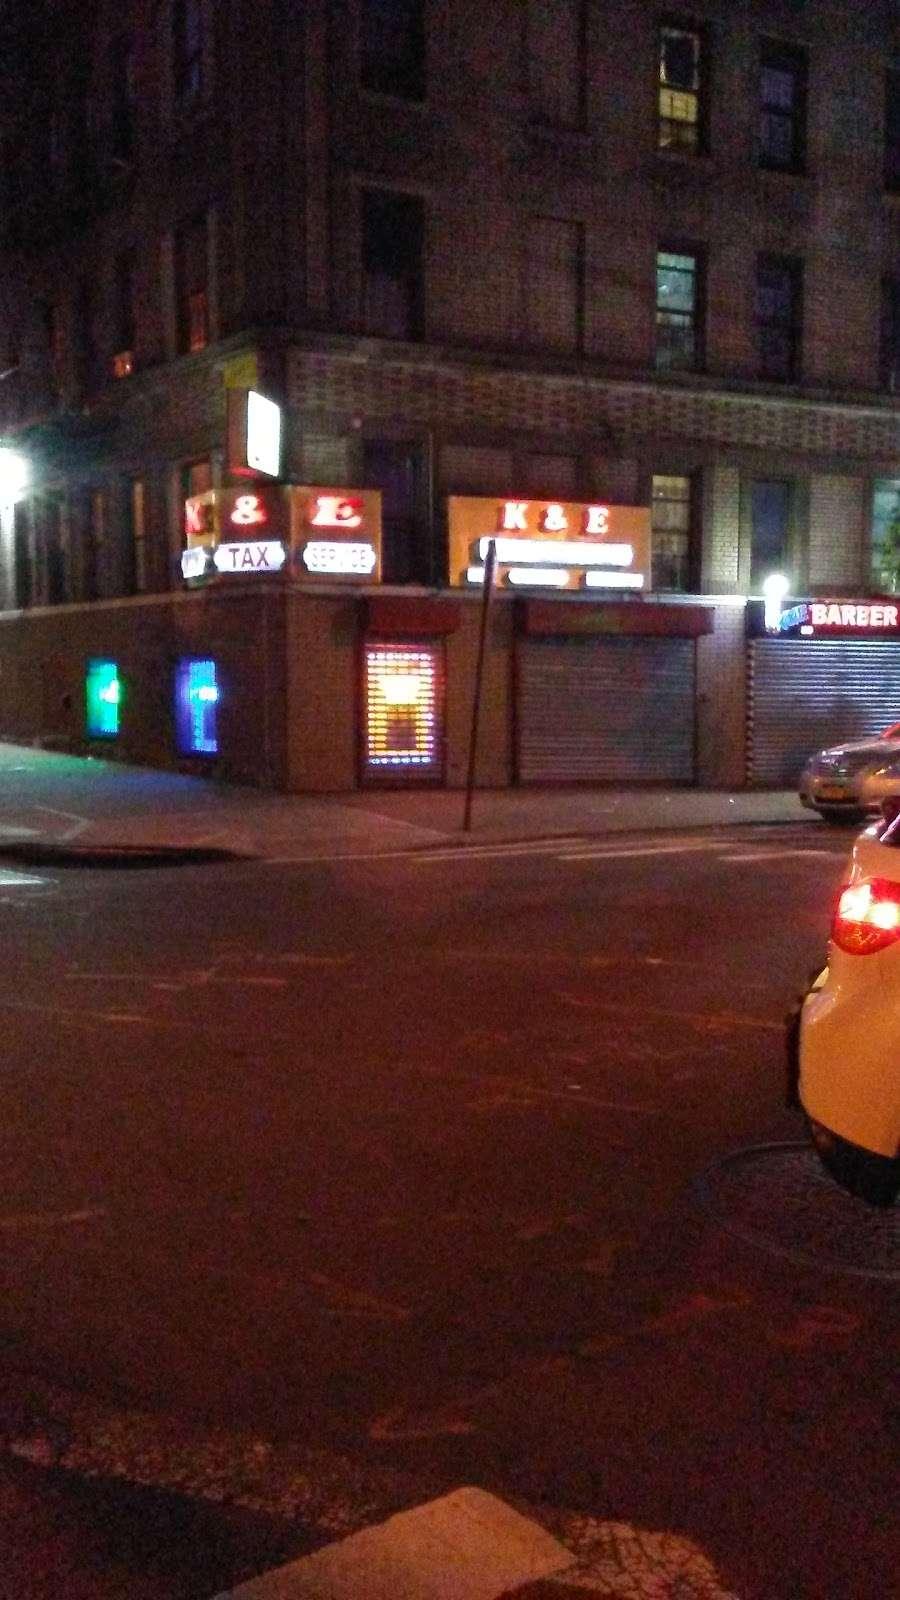 Felino Grocery Corporation - store  | Photo 1 of 1 | Address: 1836 Anthony Ave, Bronx, NY 10457, USA | Phone: (347) 590-8123